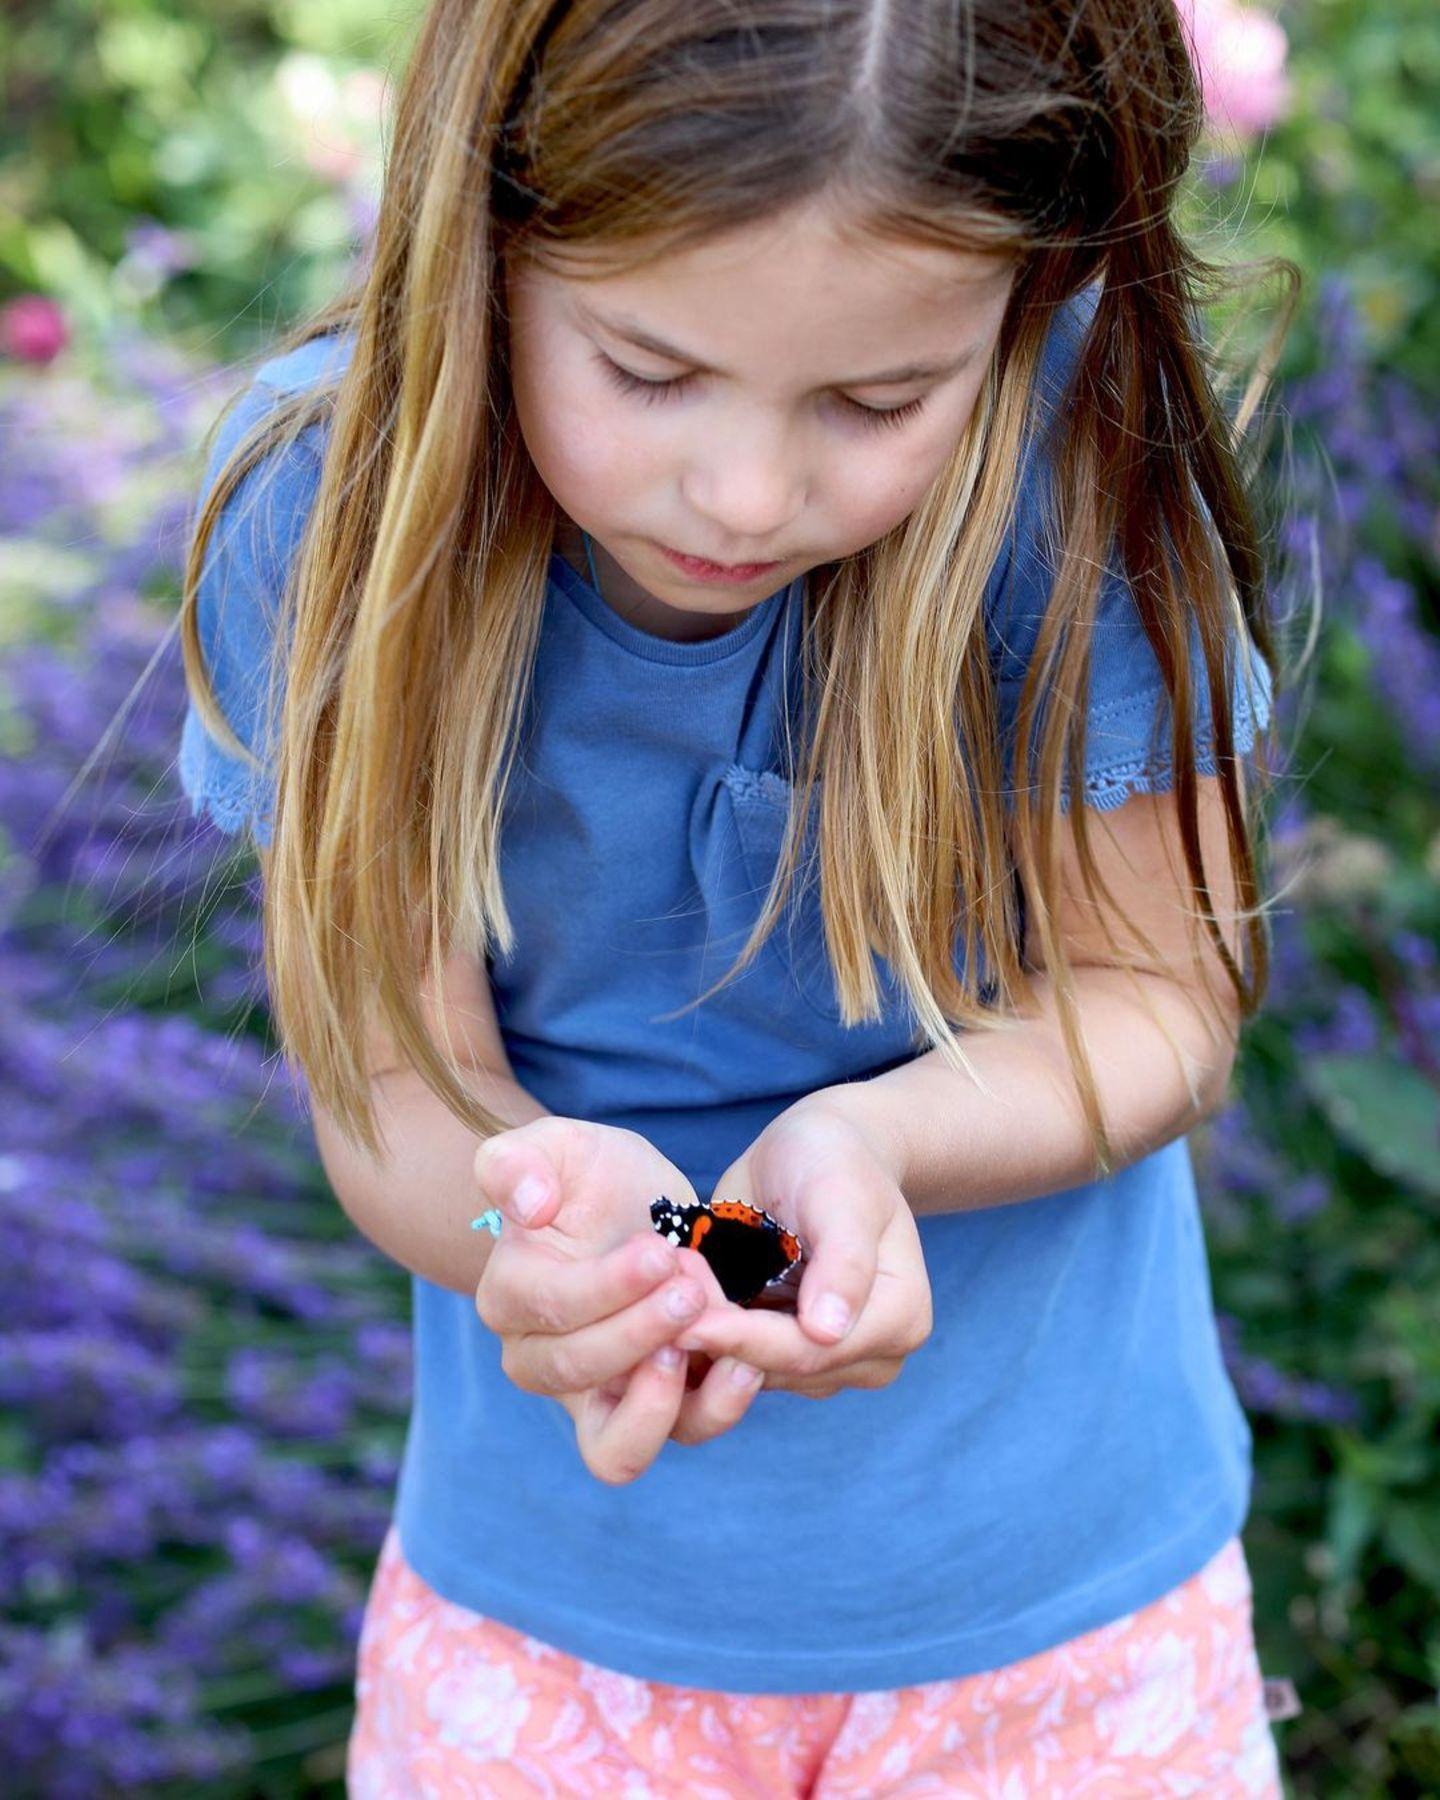 """Prinzessin Charlotte ist jetzt schon eine eifrige Naturschützerin: Anlässlich der """"ButterflyCount""""-Initiative posten Herzogin Kate und Prinz William dieses bezaubernde Bild ihrer Tochter, die ganz behutsam einen Schmetterling, genauer gesagt einen Admiral, in den Händen hält. Was für ein schöner Fotomoment!"""